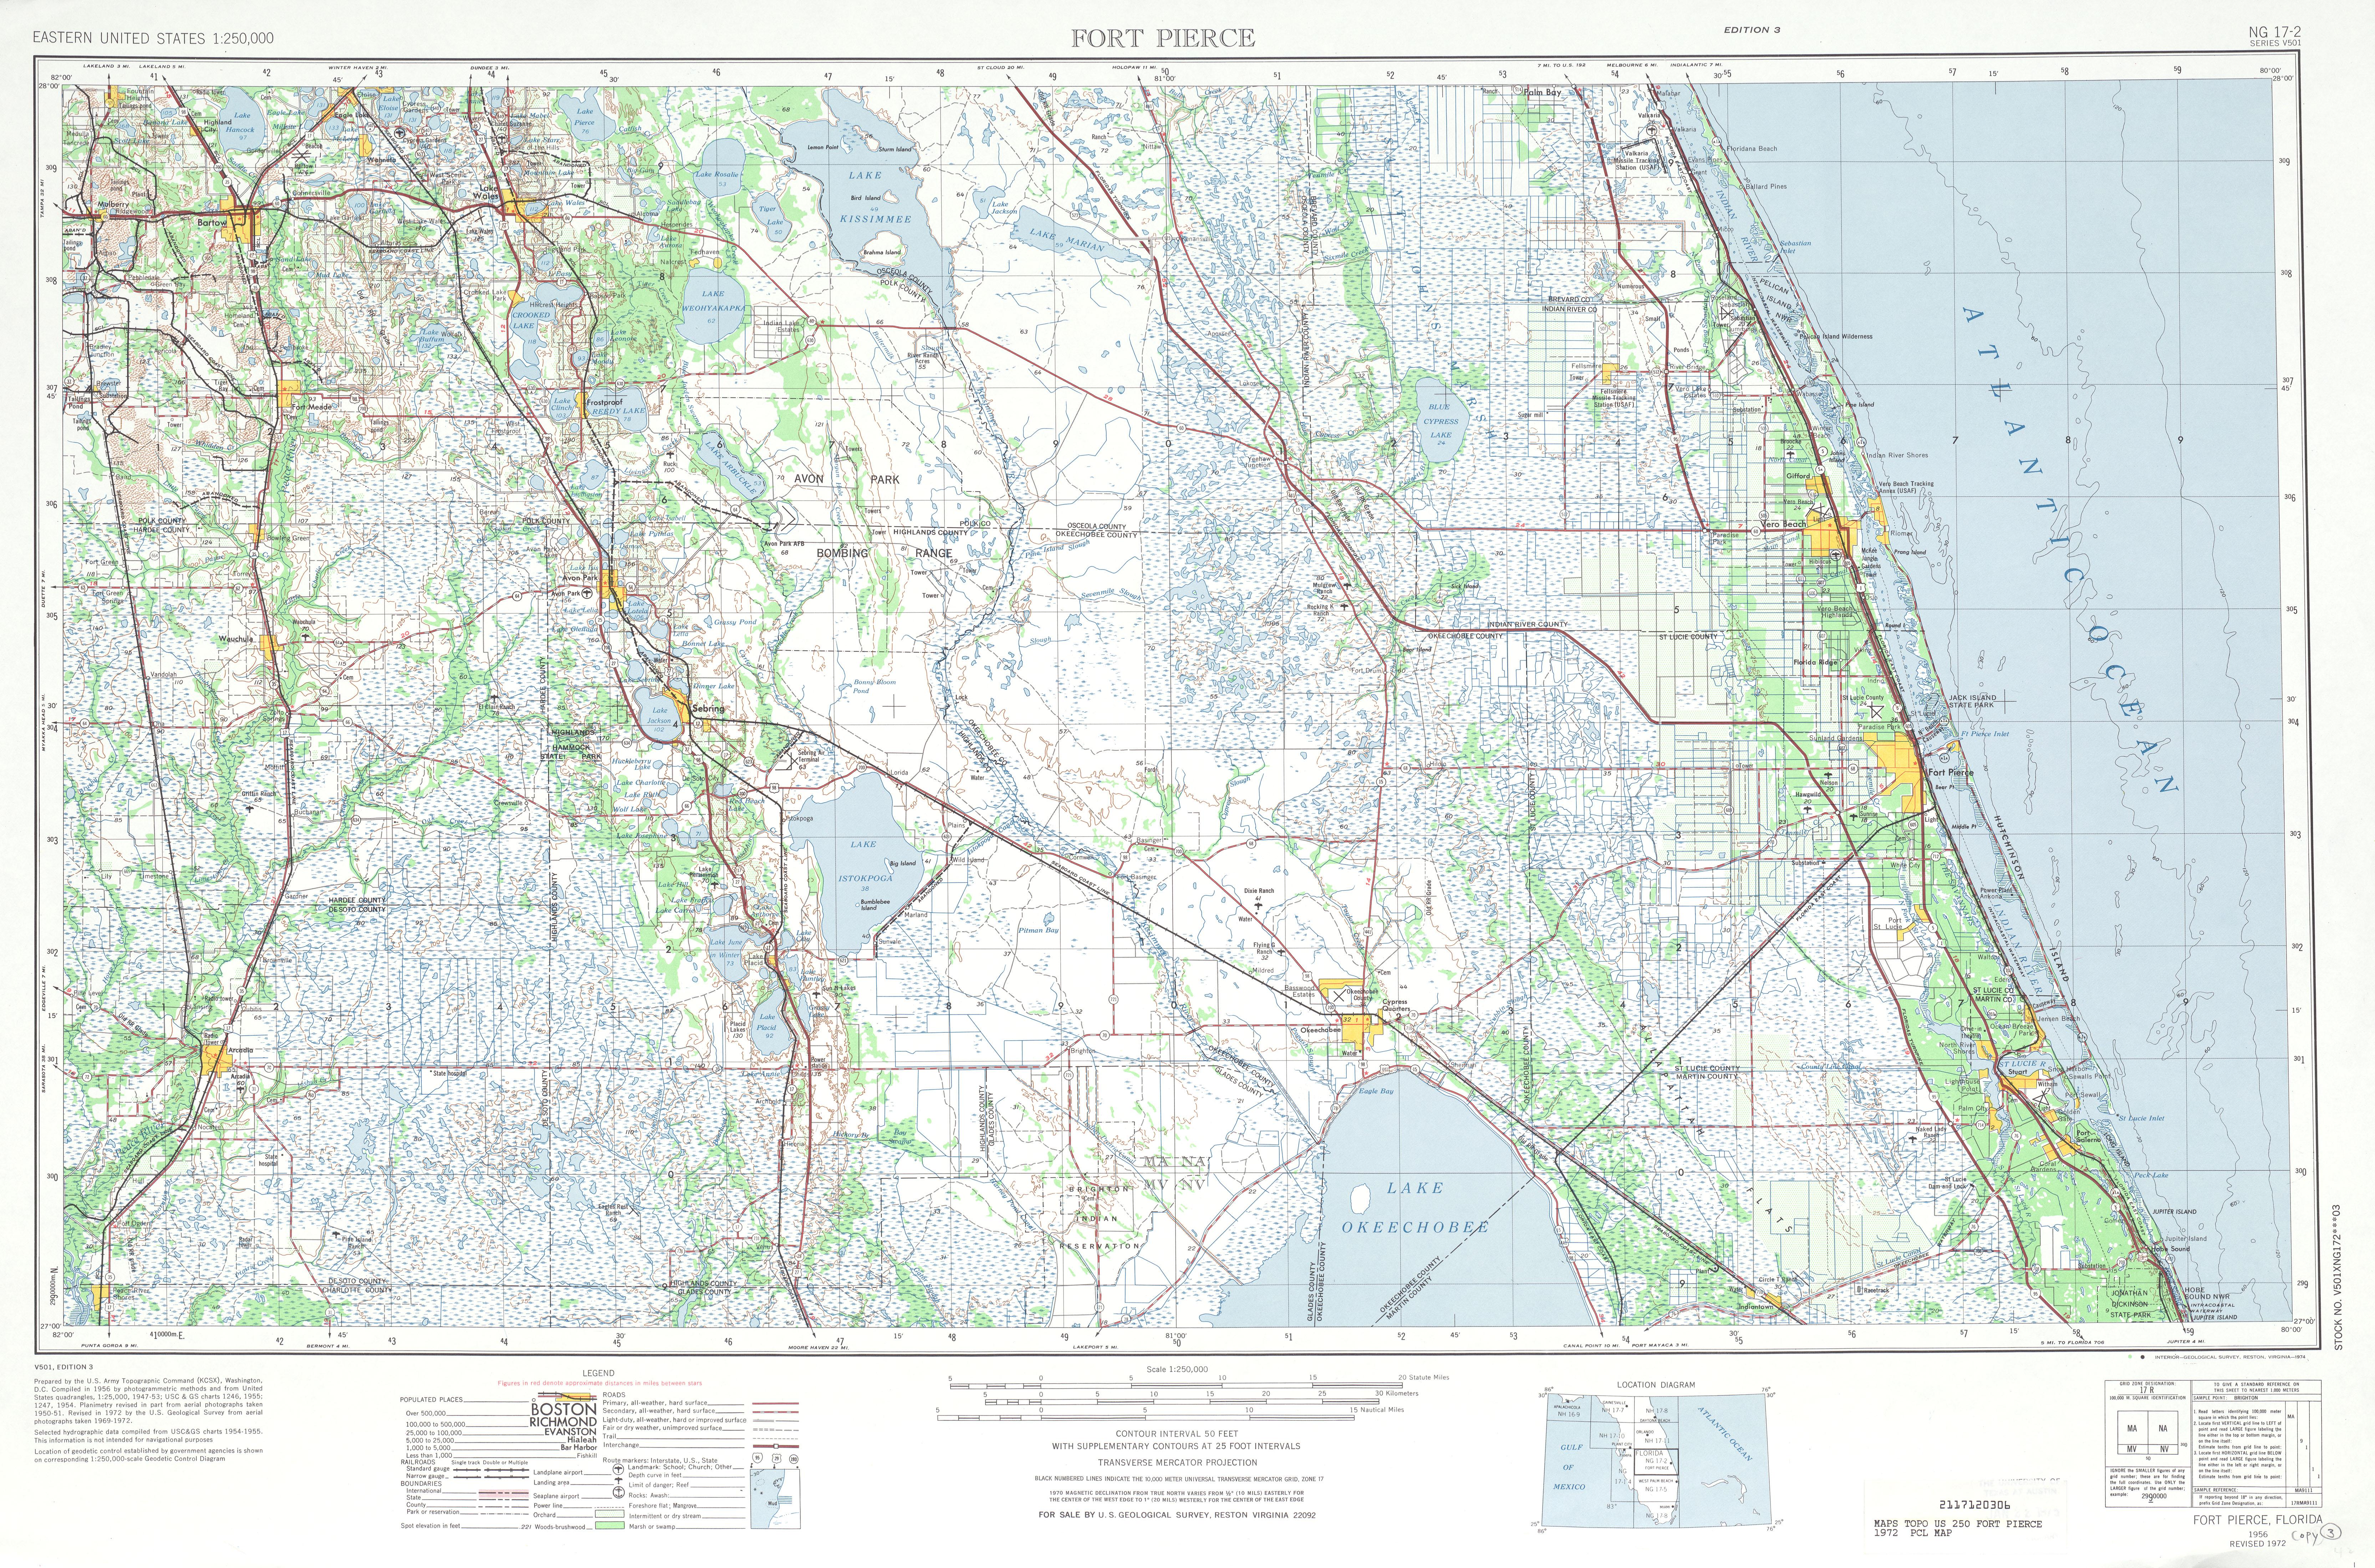 Hoja Fort Pierce del Mapa Topográfico de los Estados Unidos 1972